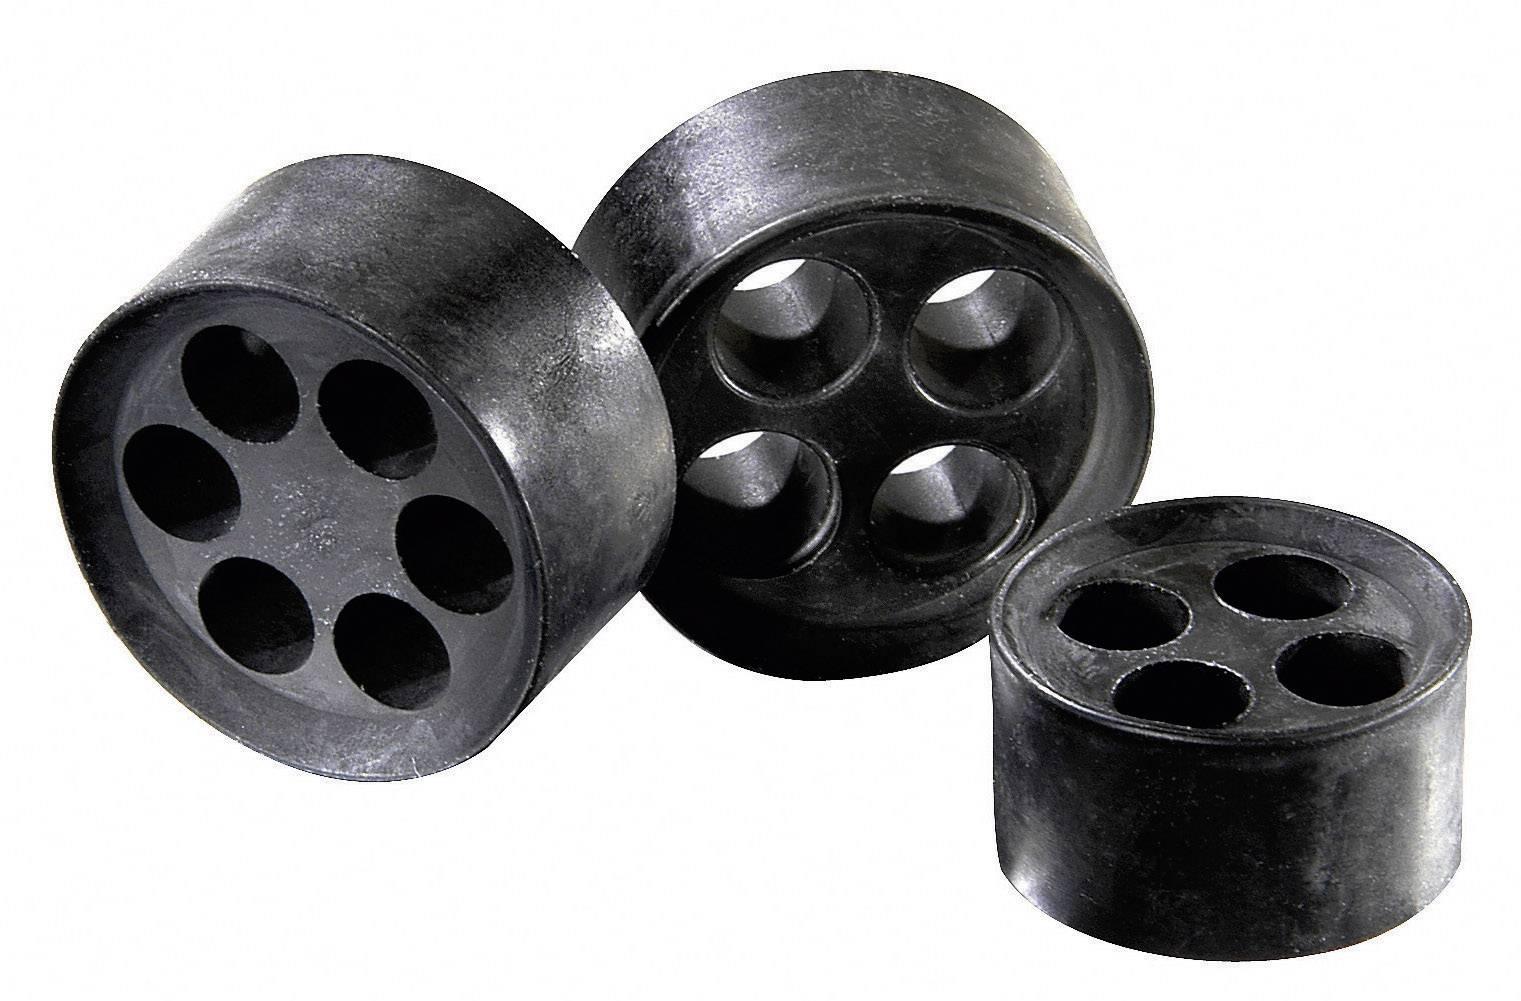 Těsnicí vložka M12 Wiska MFD 12/04/020 (10064392), IP66, M12, elastomer, černá